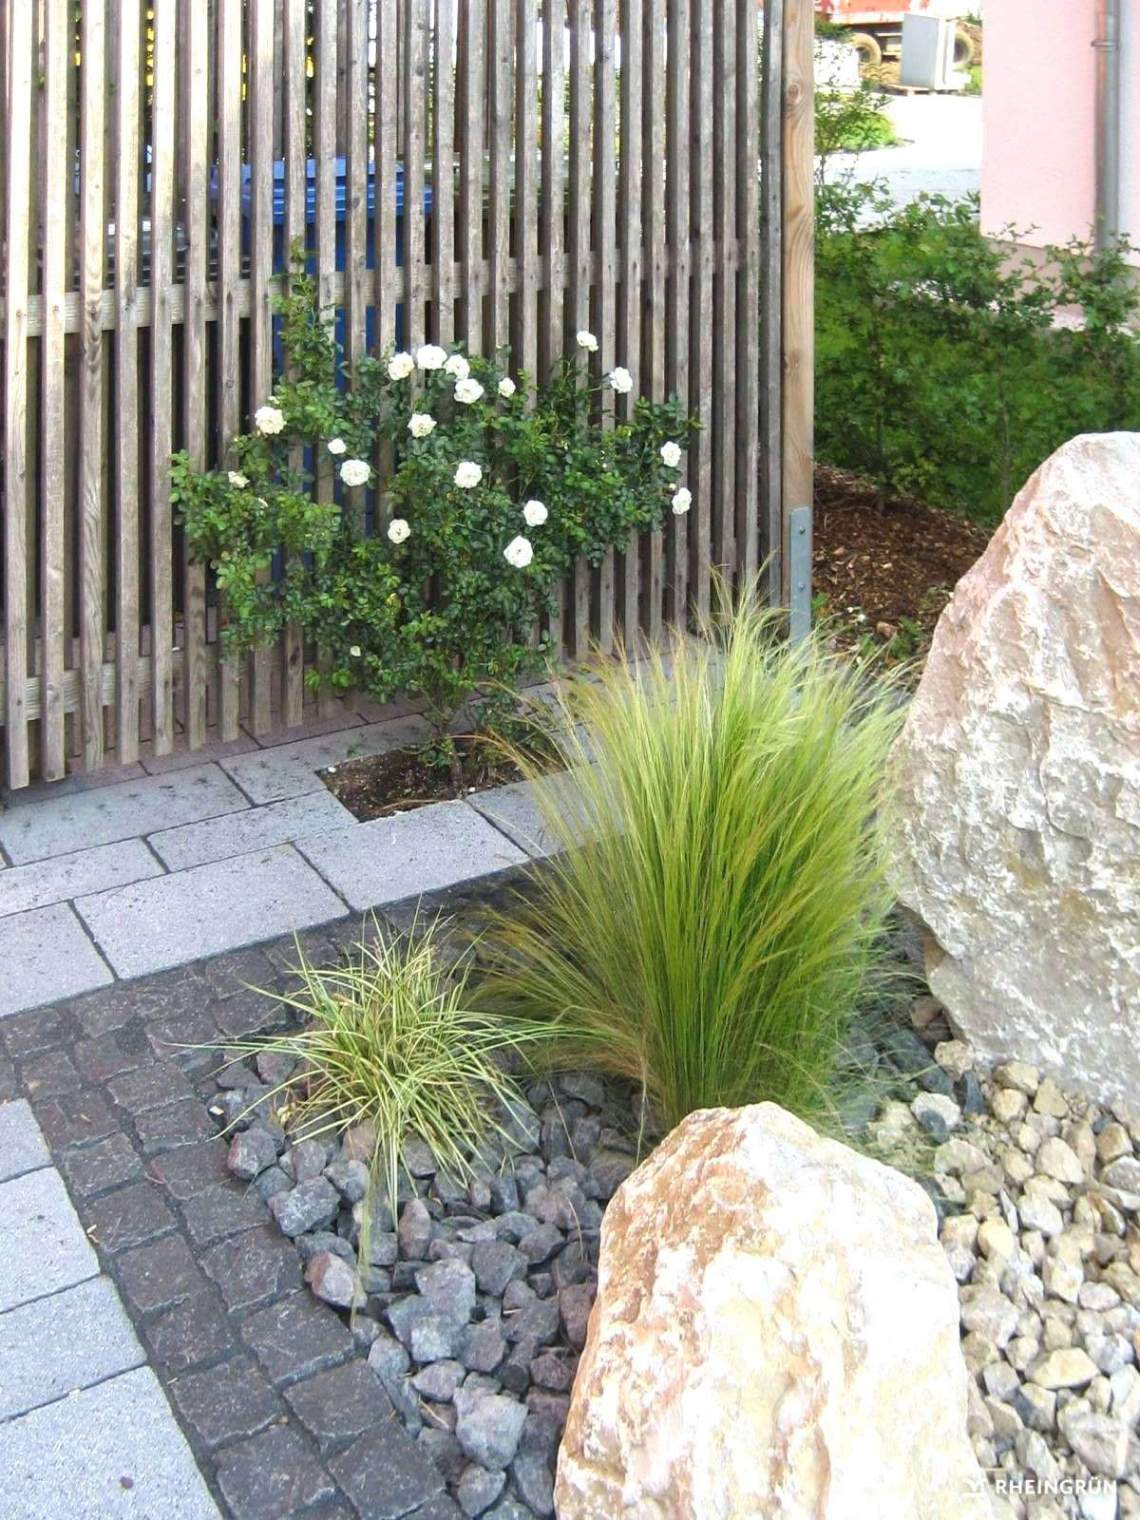 pflanzen garten schon fingerhut pflanze 0d inspiration von pflanzen pflanzen als sichtschutz pflanzen als sichtschutz